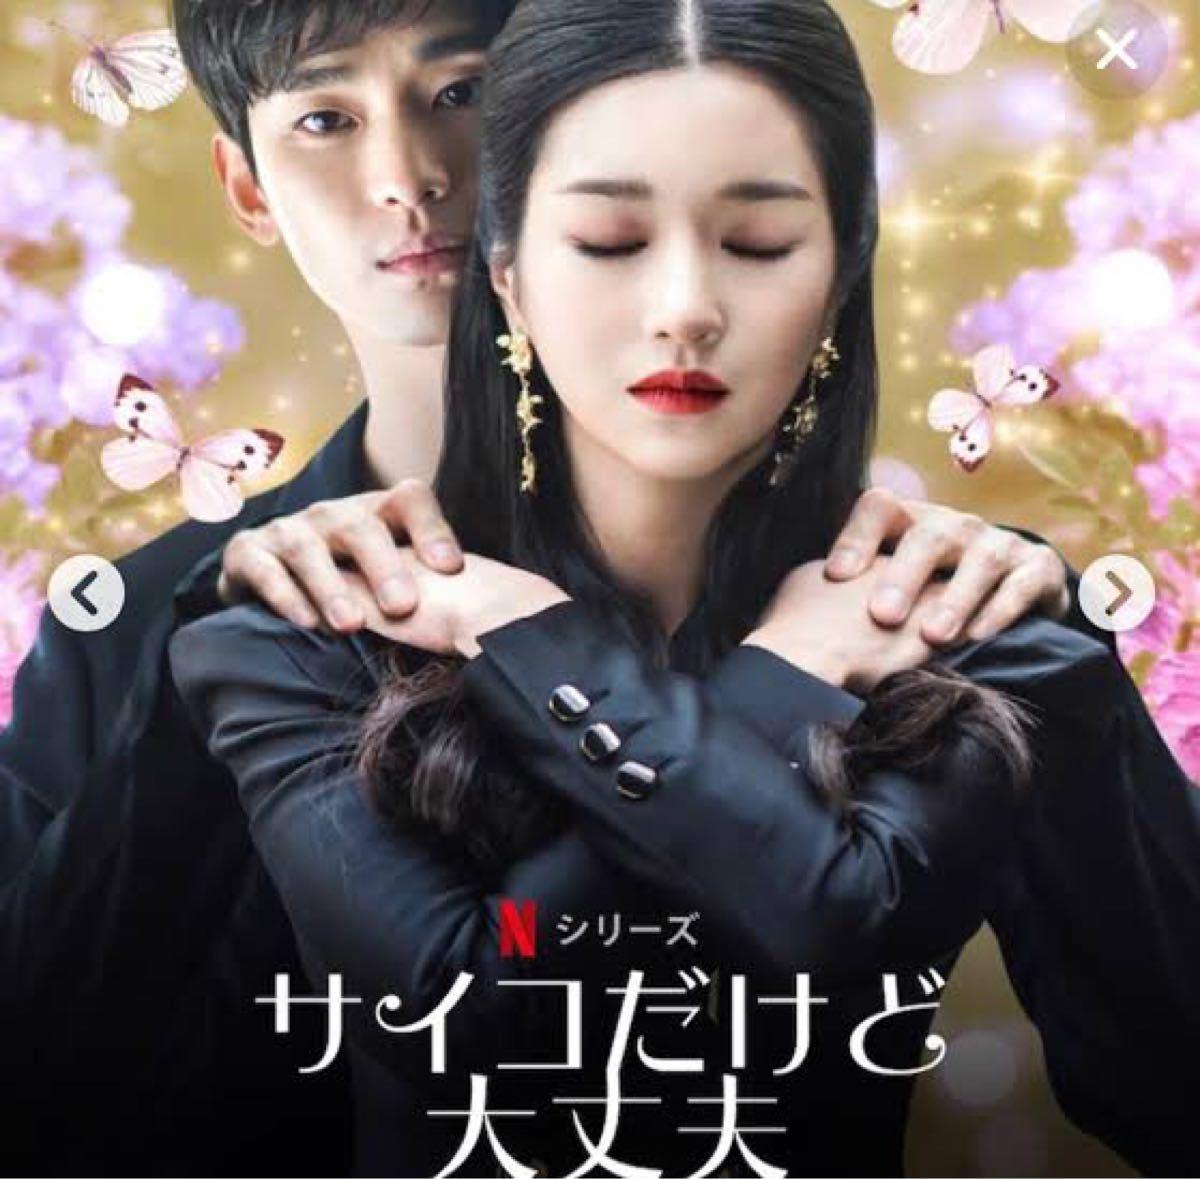 韓国ドラマ サイコだけど大丈夫  DVD『レーベル印刷有り』